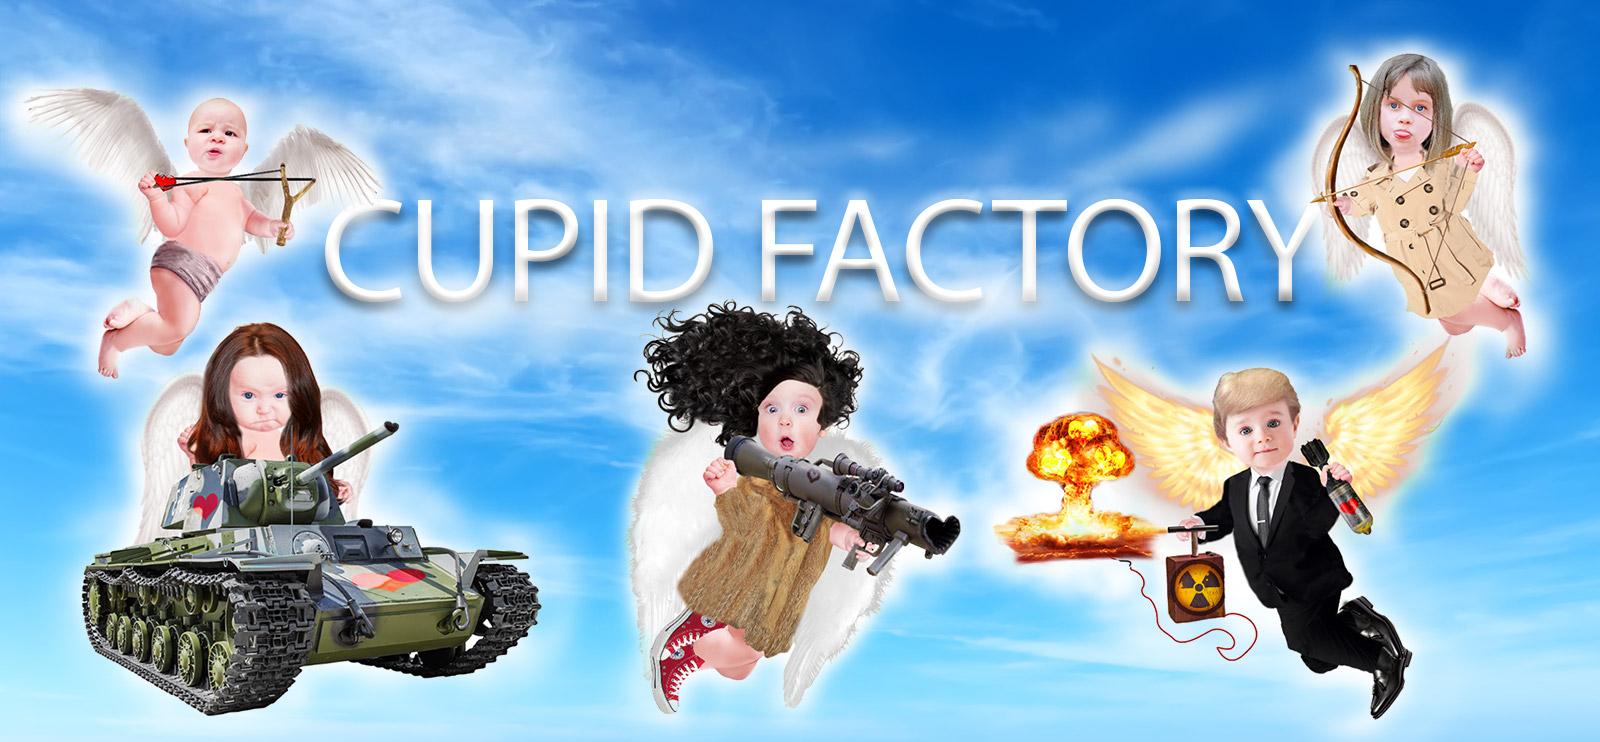 Cupid Factory